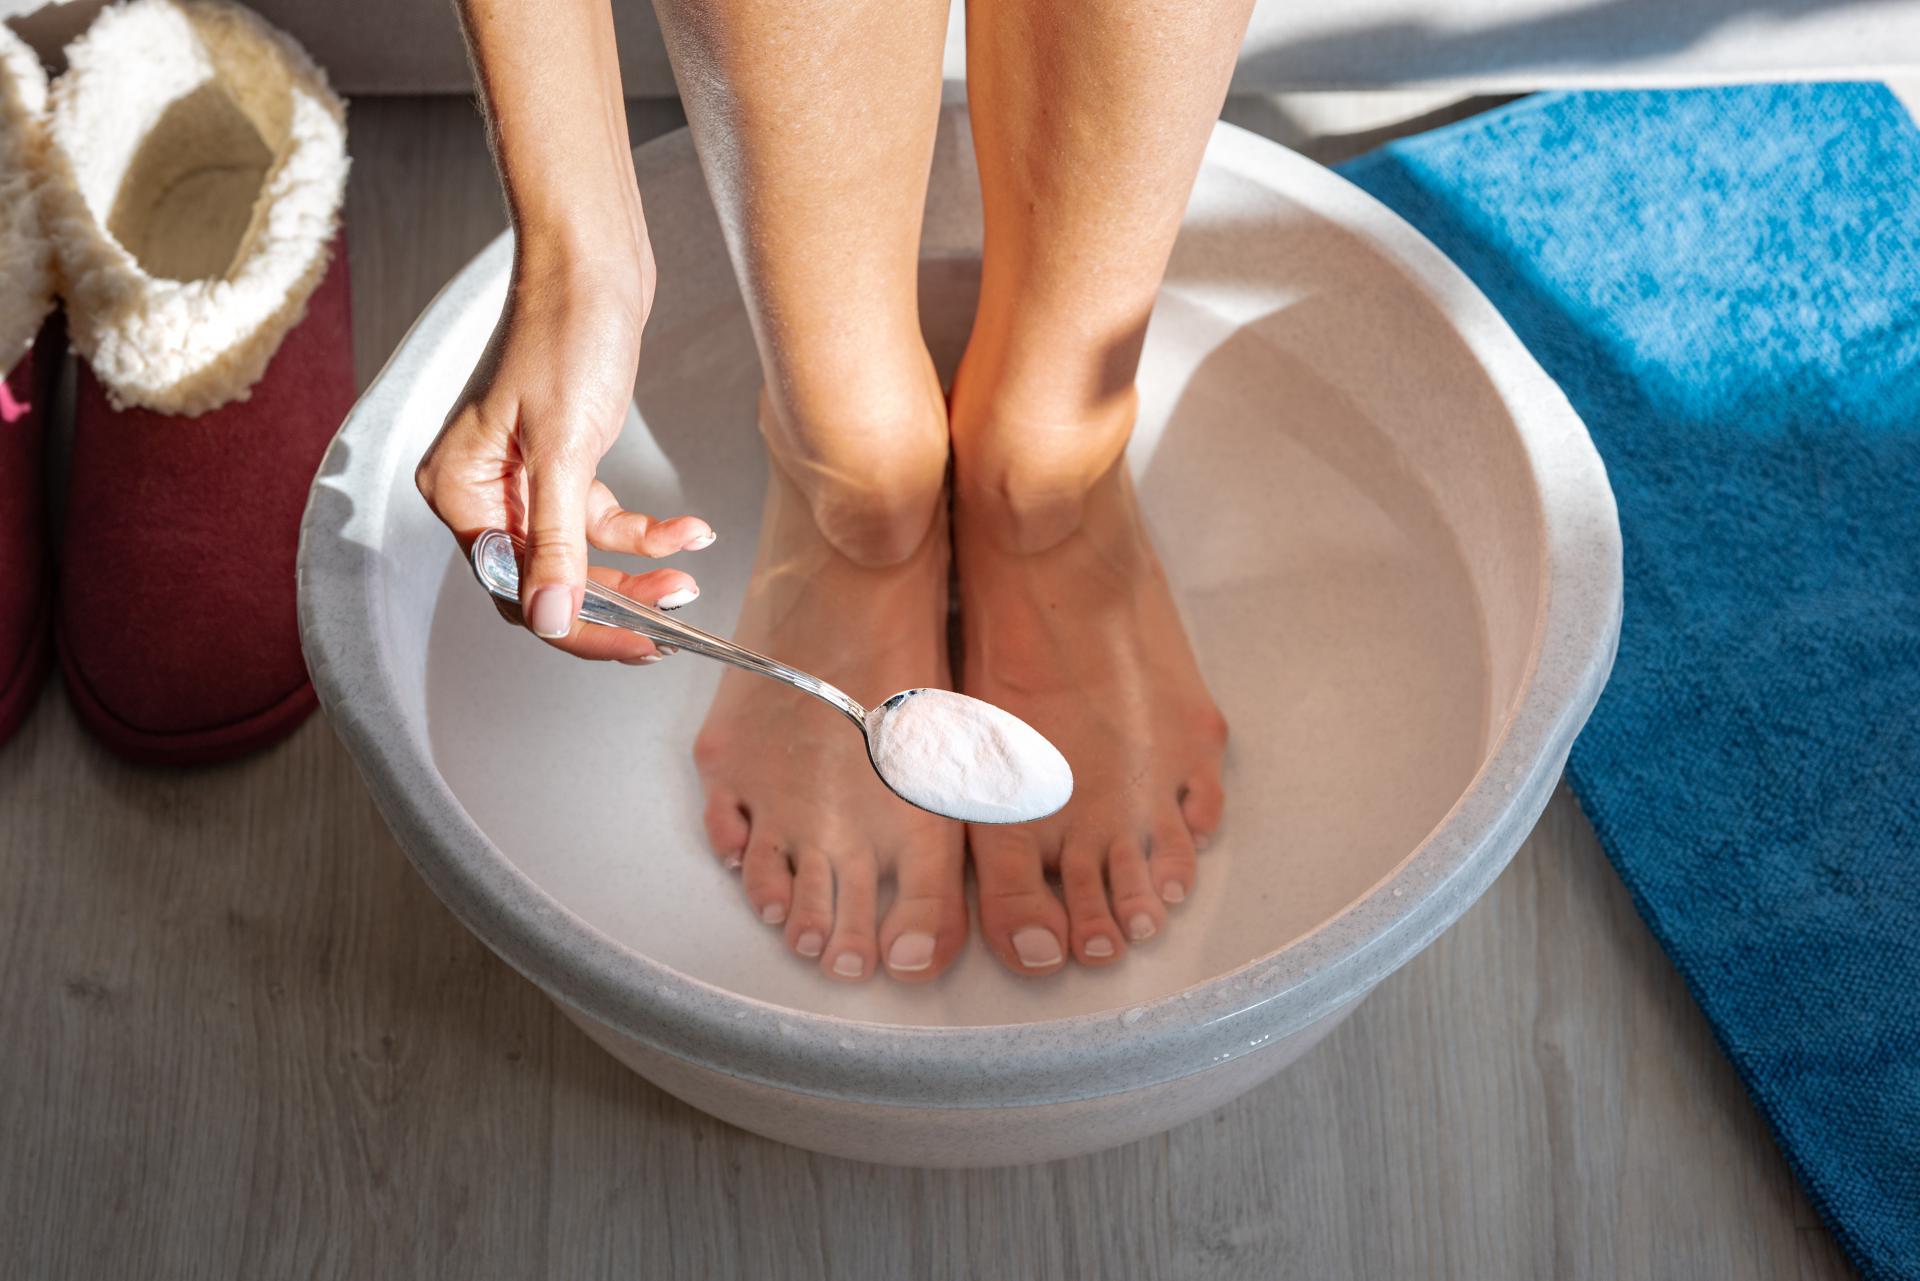 Baie de picioare cu bicarbonat de sodiu: 7 dintre cele mai bune rețete, efectul este pur și simplu magic